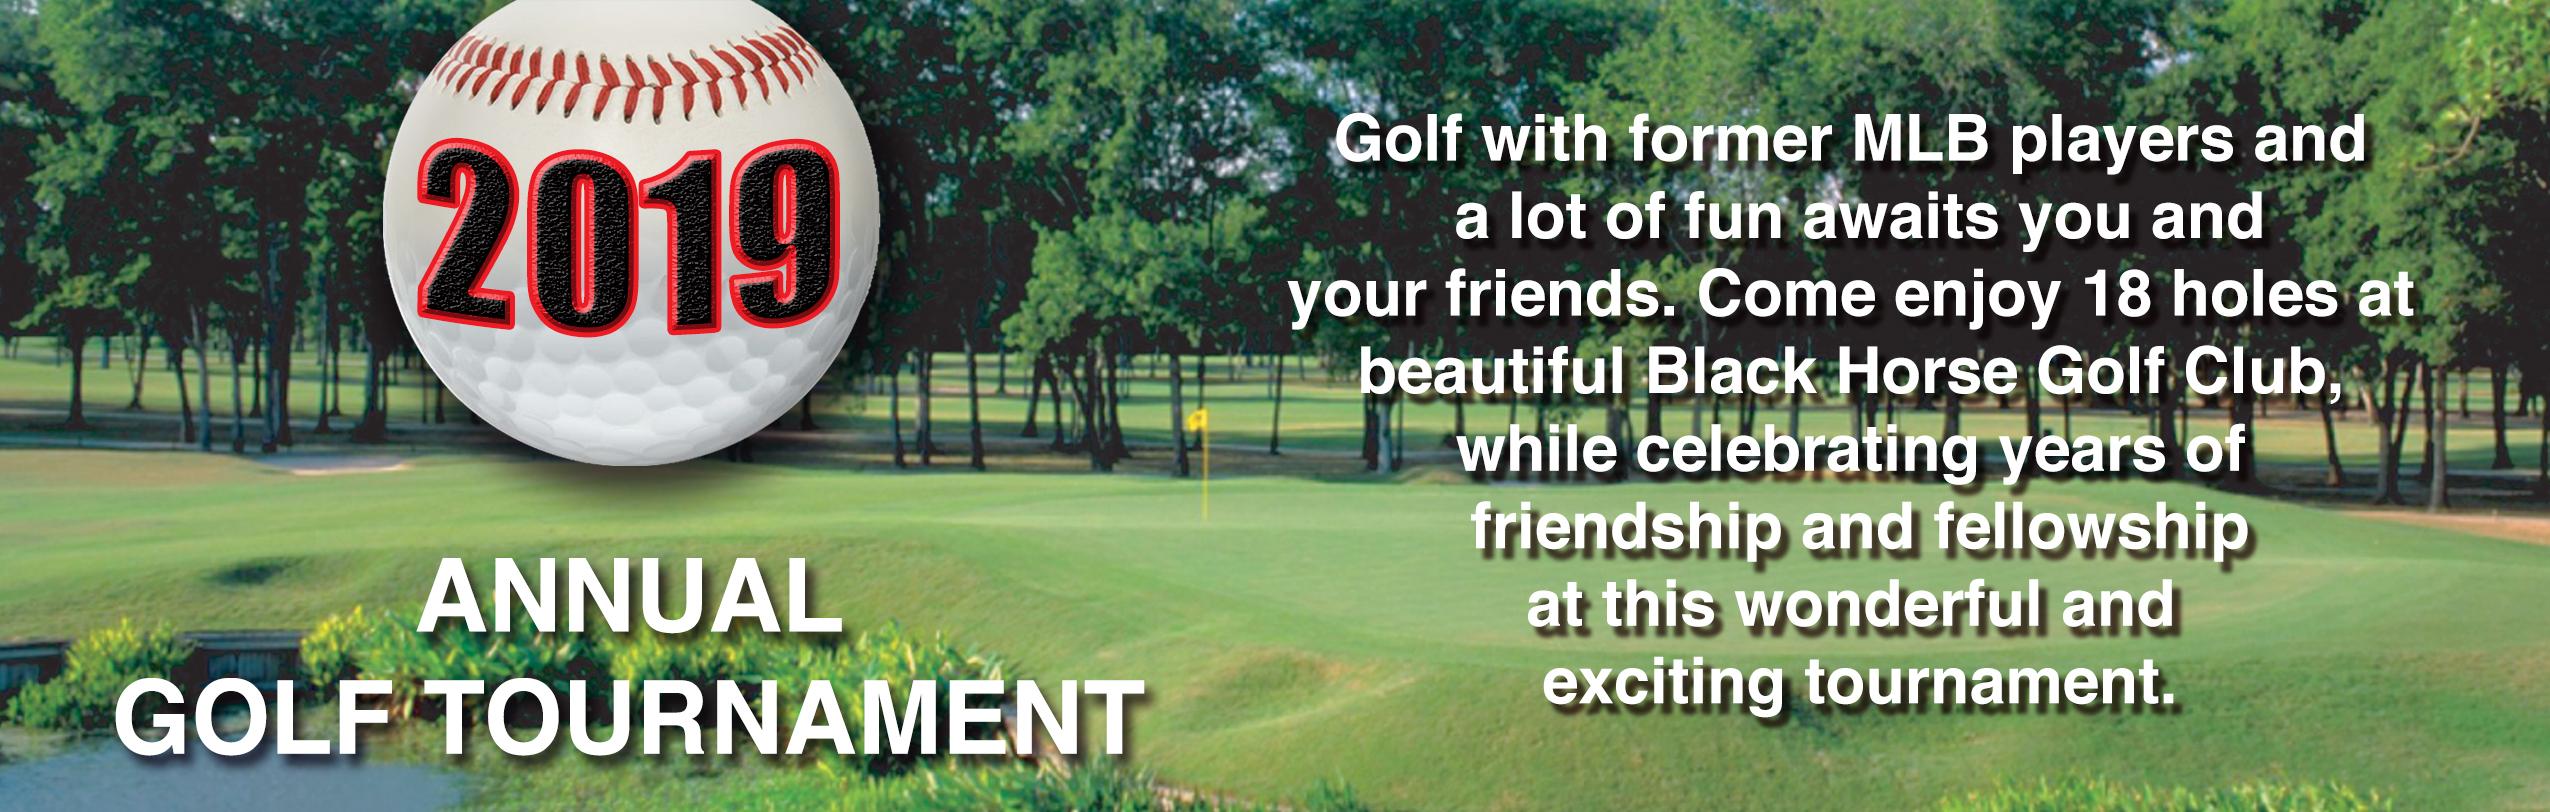 RHB Golf web Header 19